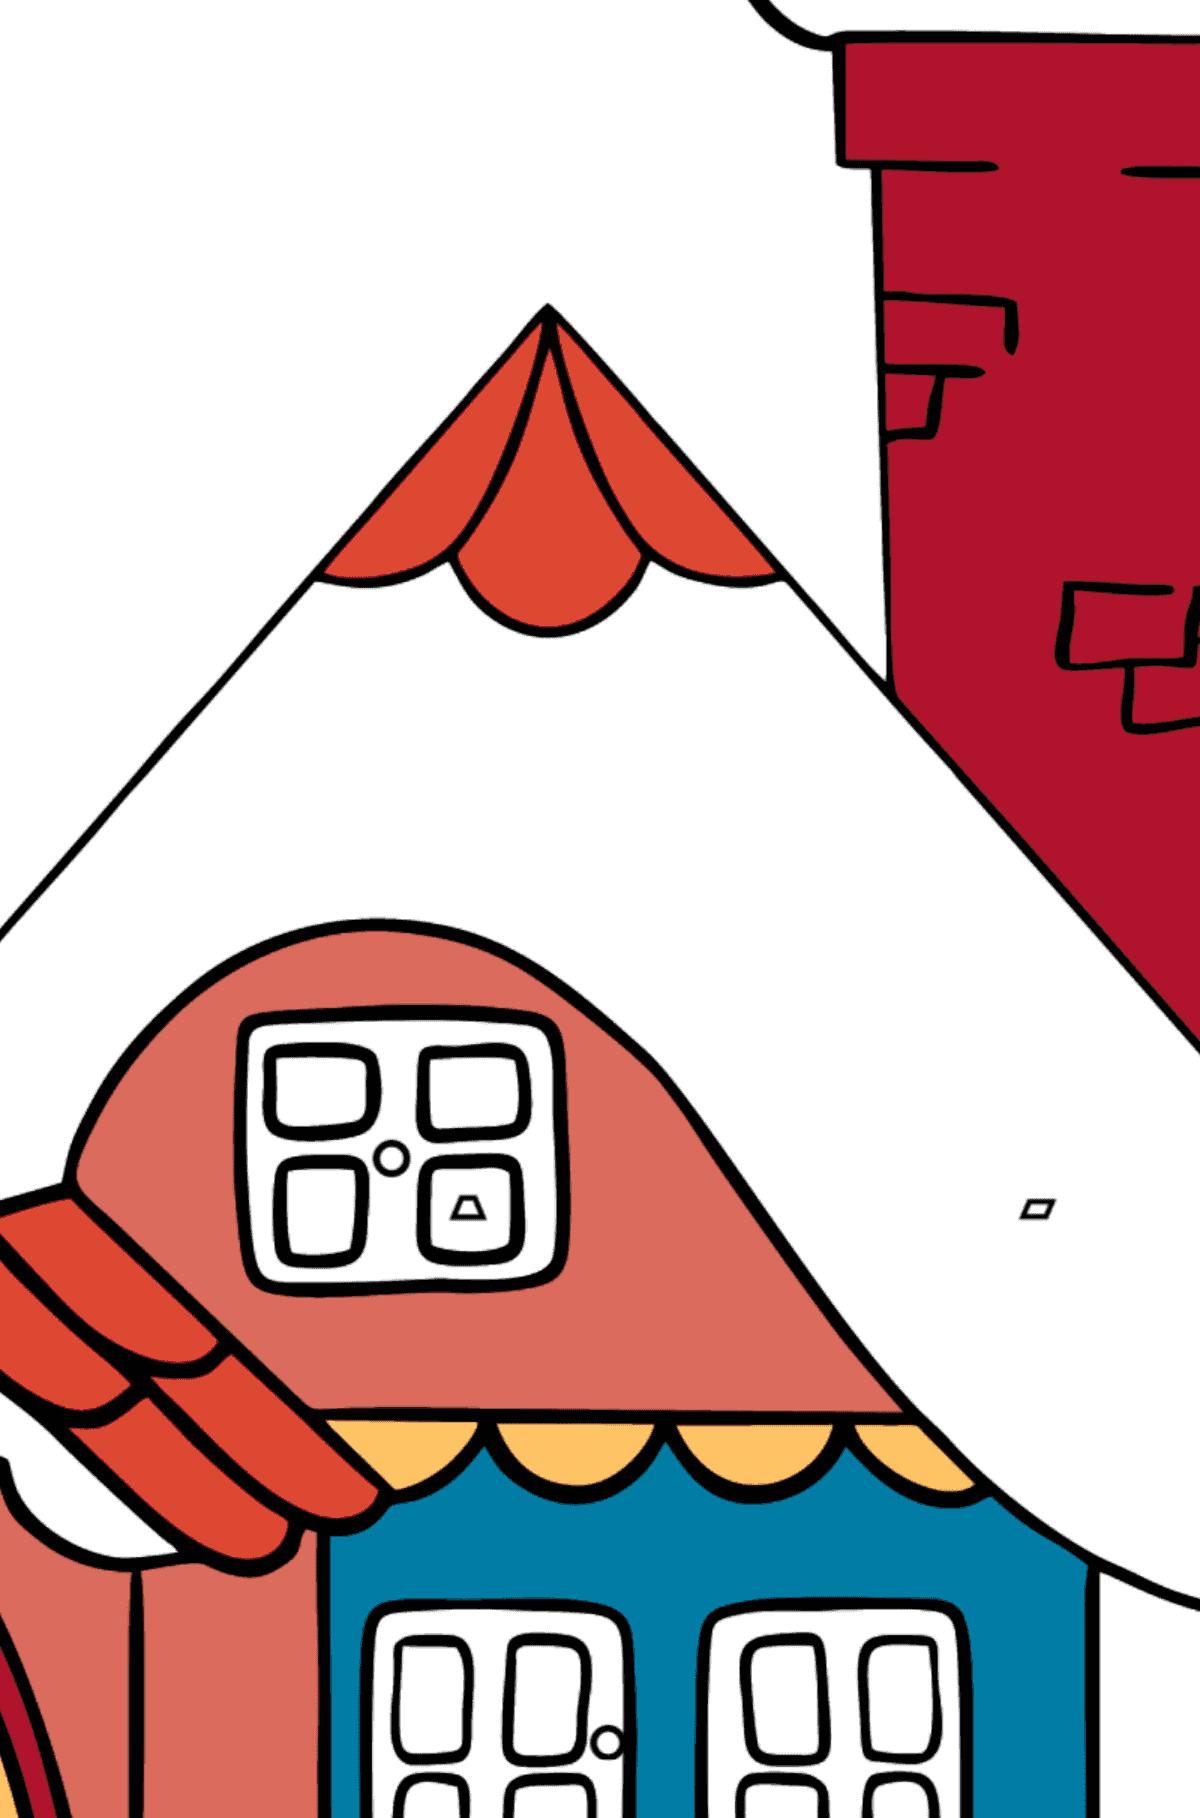 Раскраска домик дивный - Раскраска по Геометрическим Фигурам для Детей